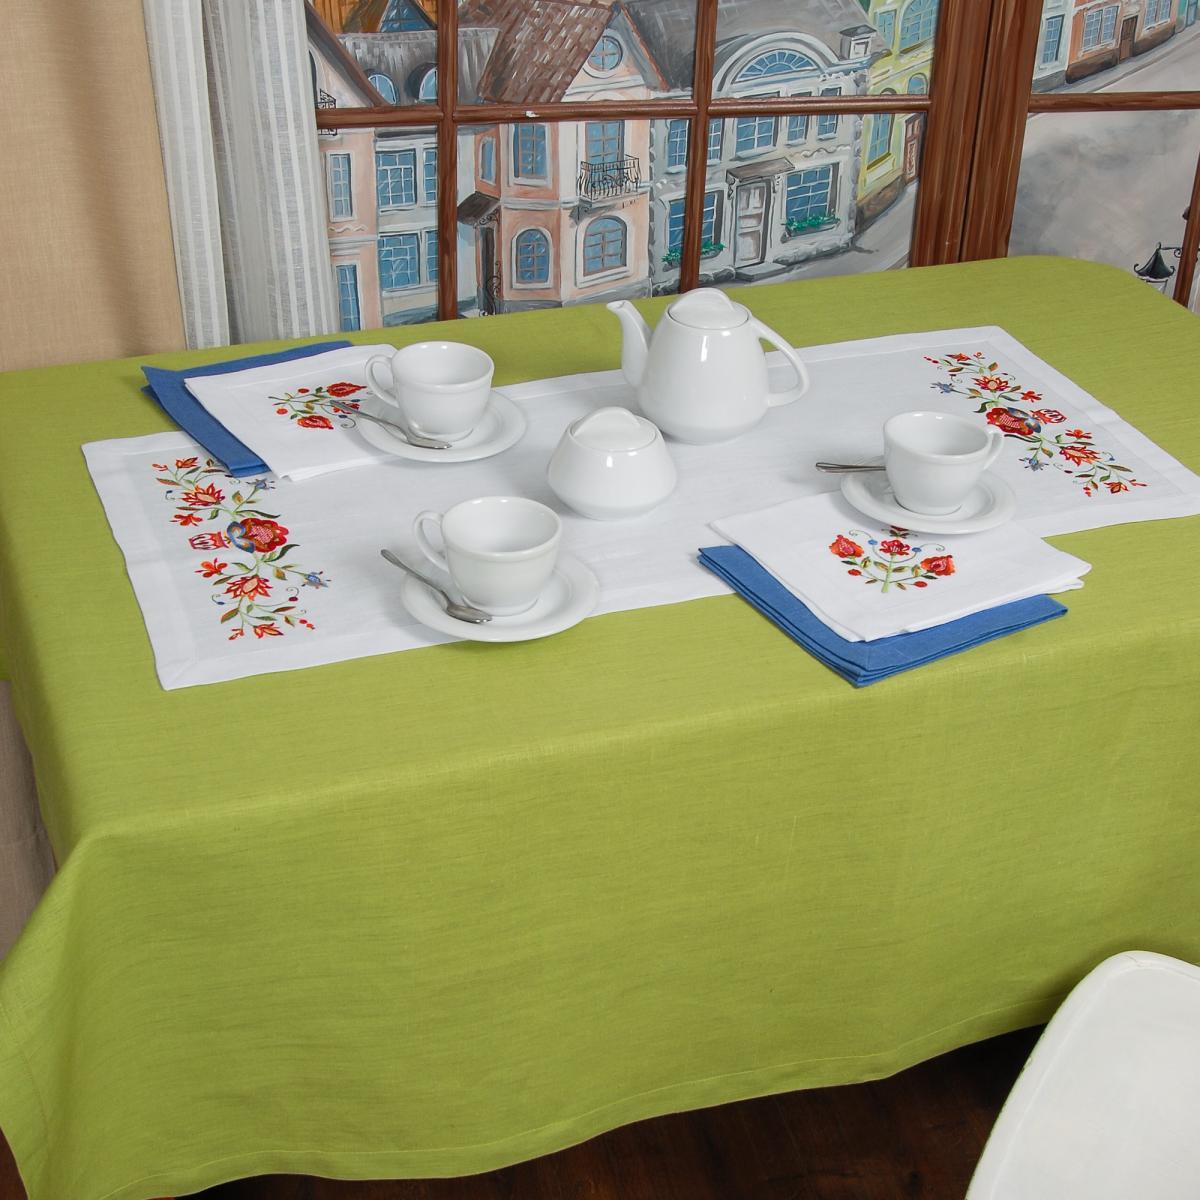 Льняная дорожка на стол Дерево жизни 90*40. Фото №3. | Народный дом Украина